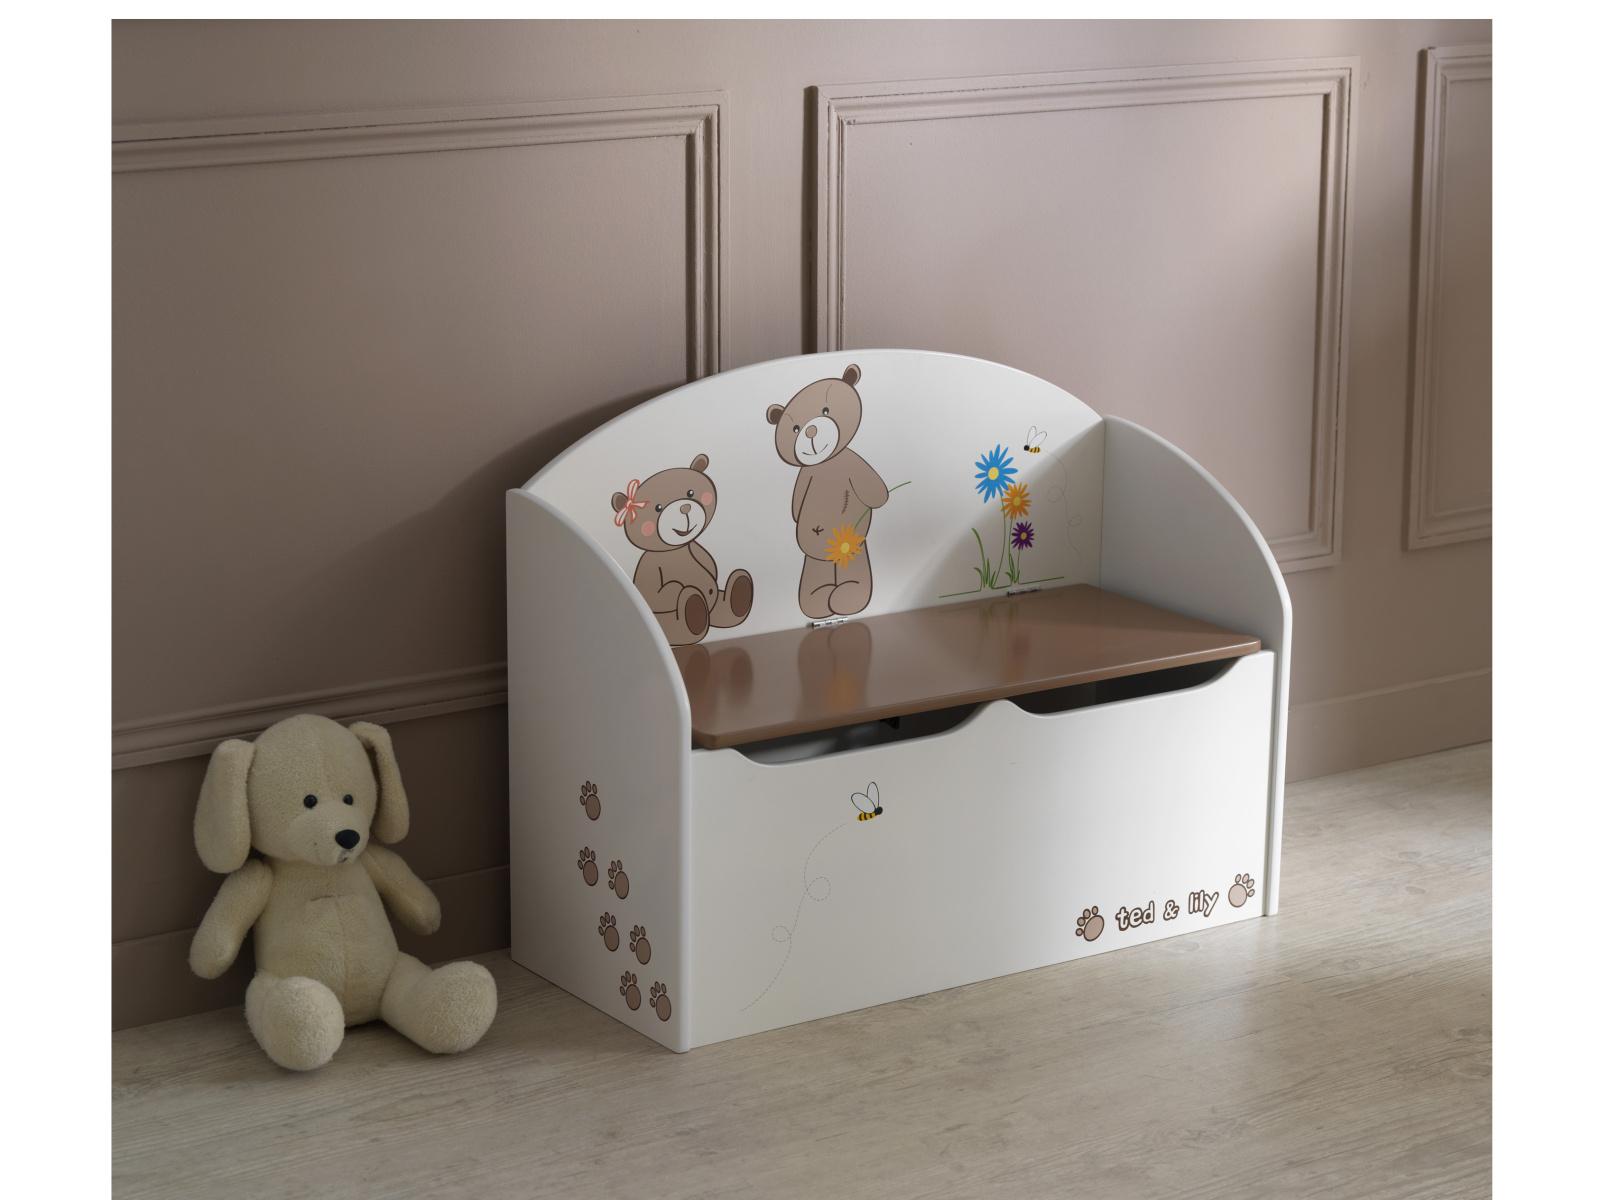 DEMEYERE TEDDY & LILY, truhla na hračky, béžová/čokoládová